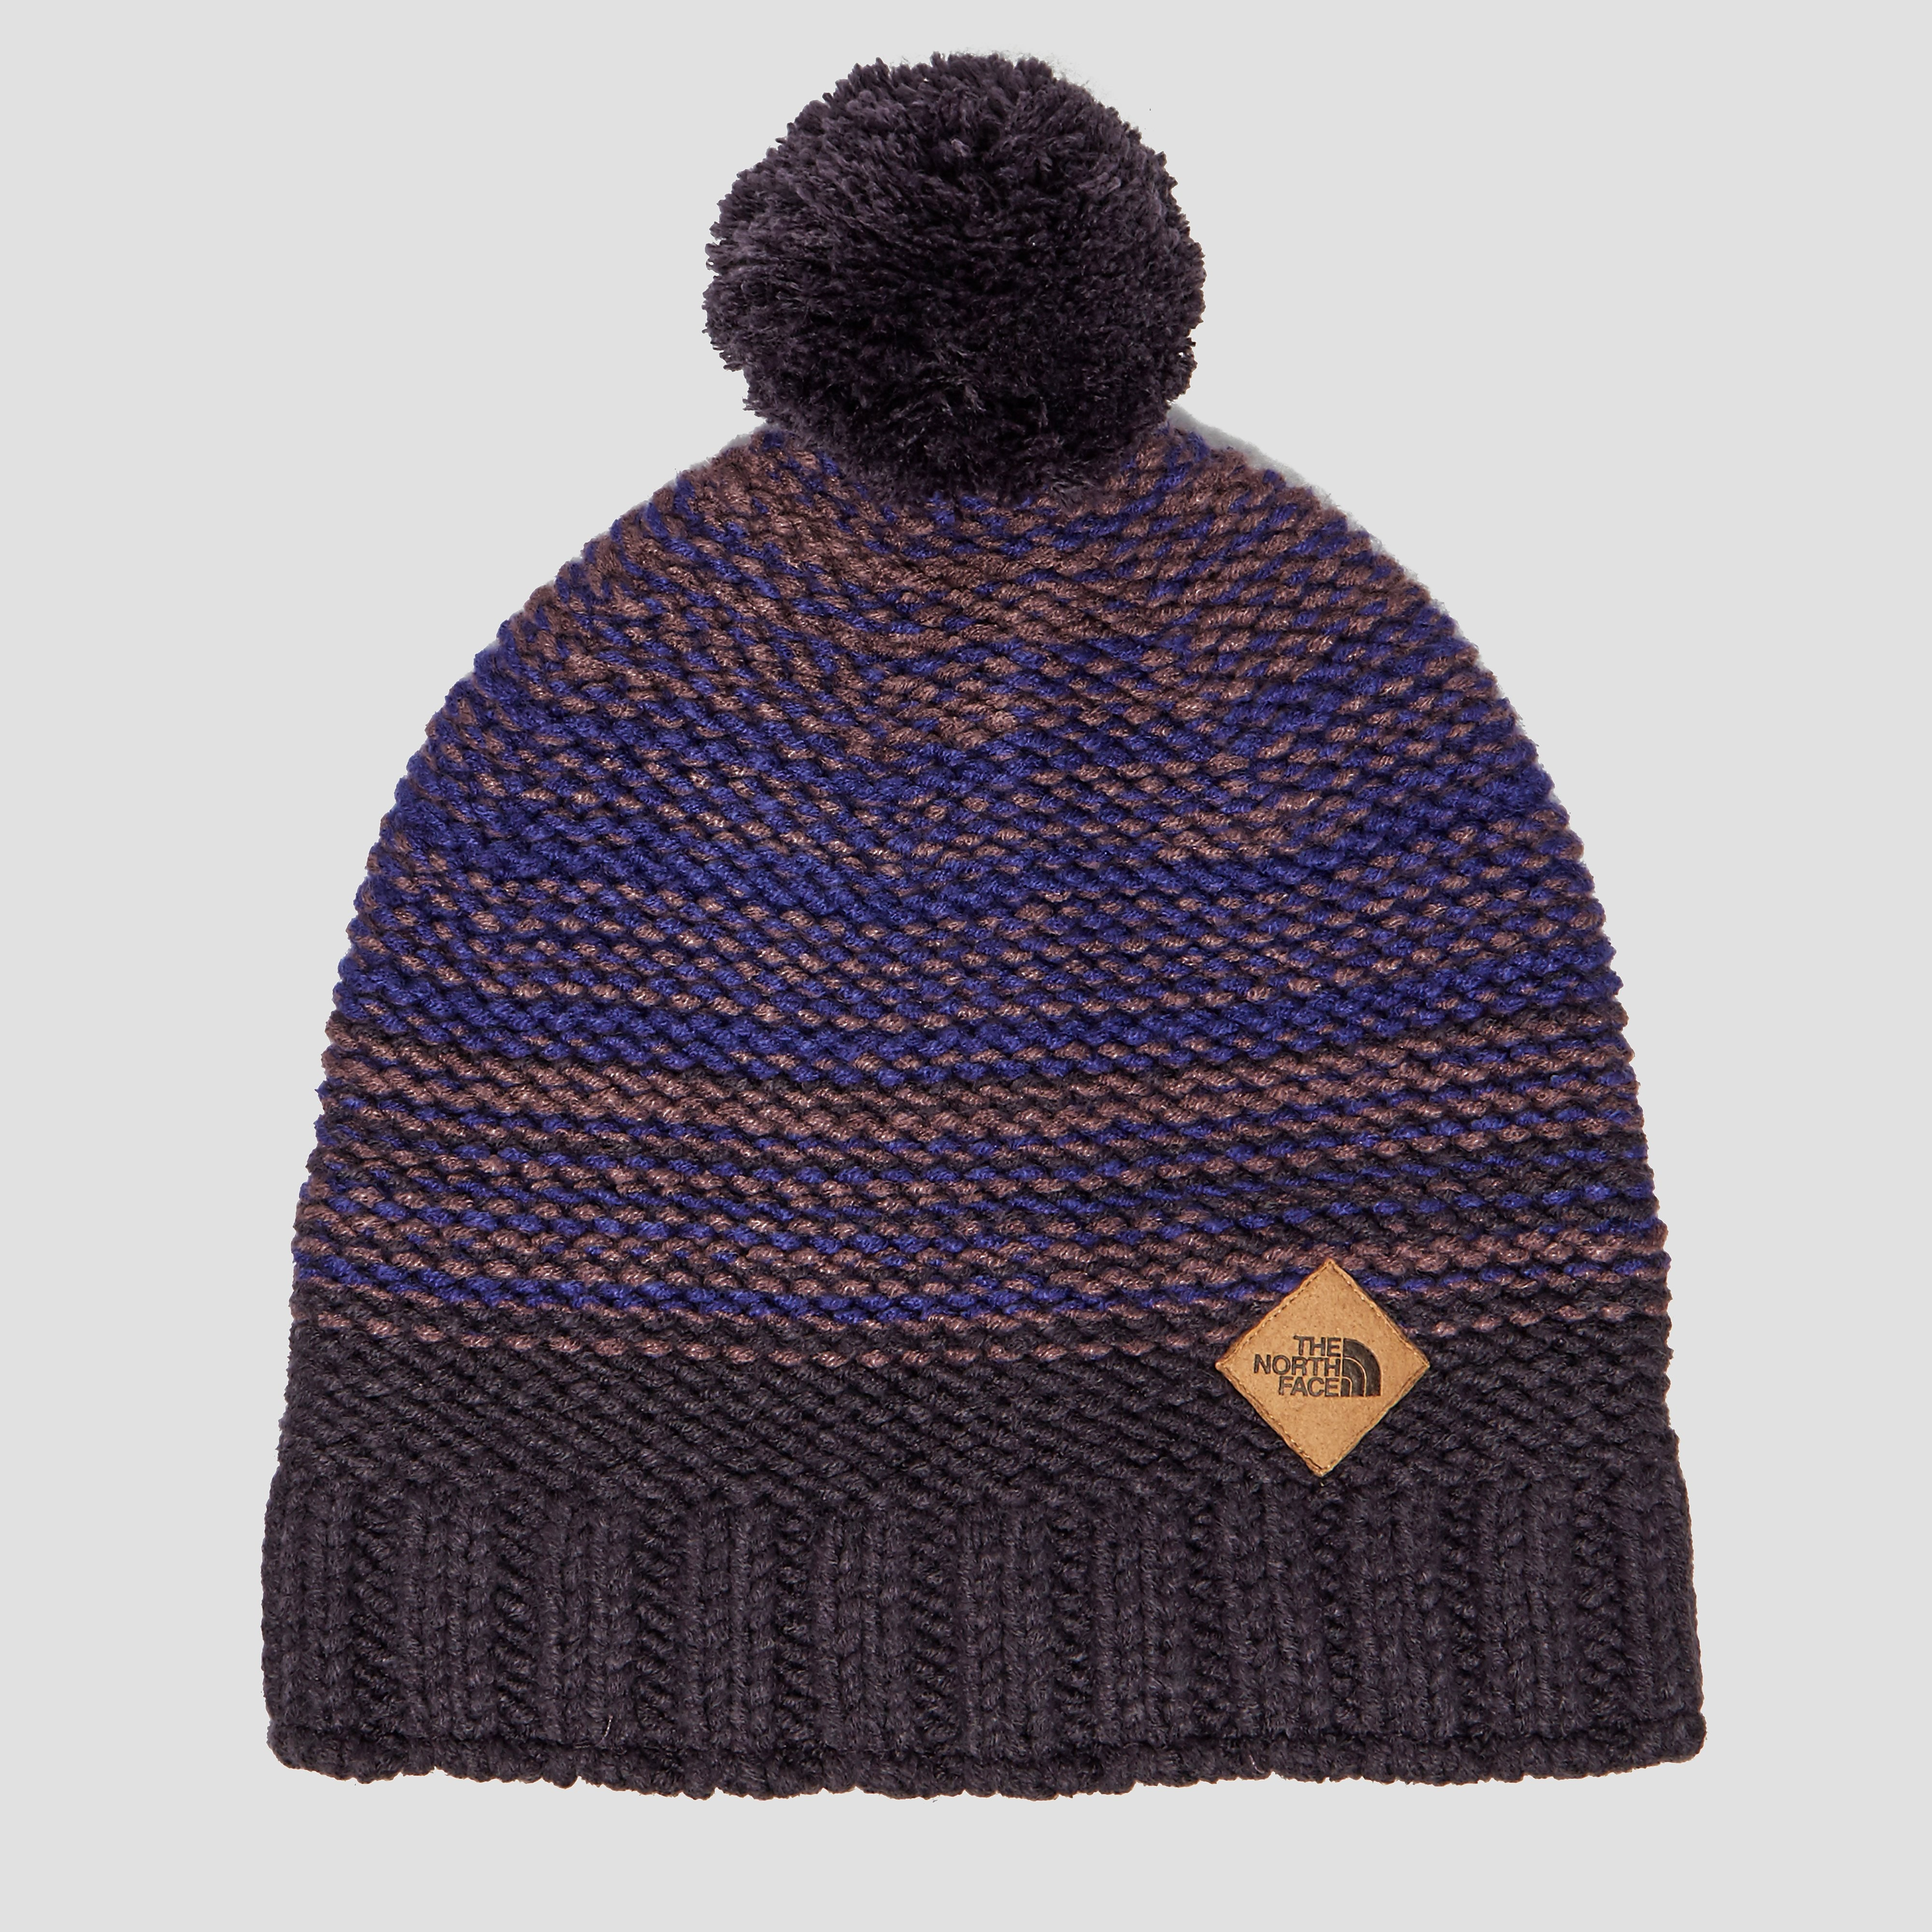 The North Face Antler Men's Hat